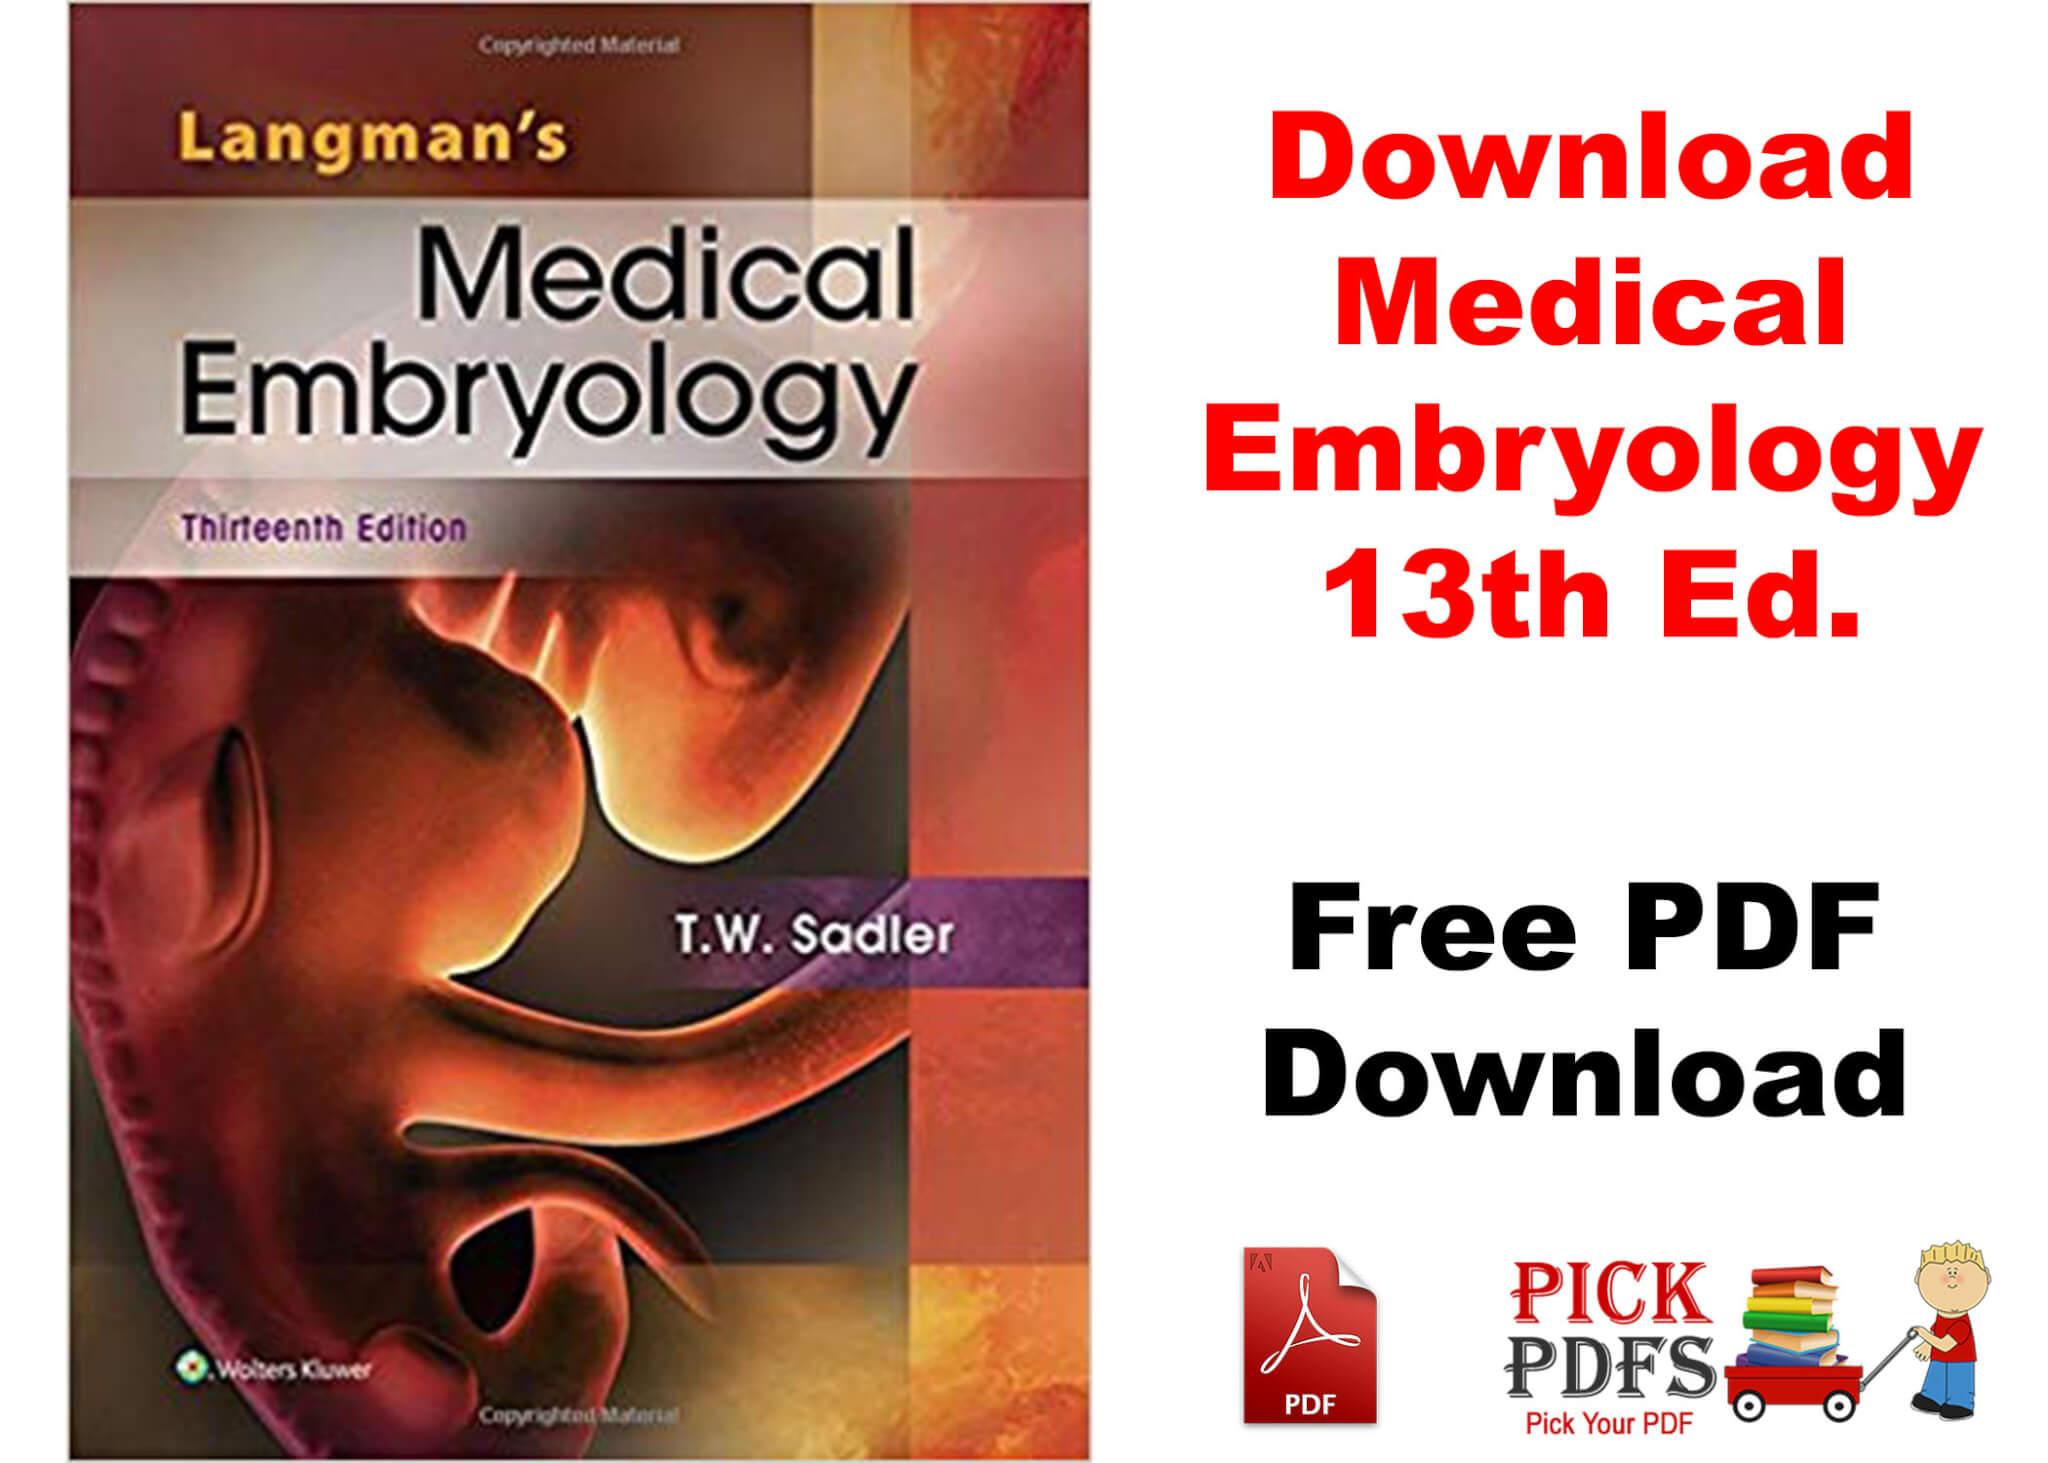 Medical embryology free medical pdf